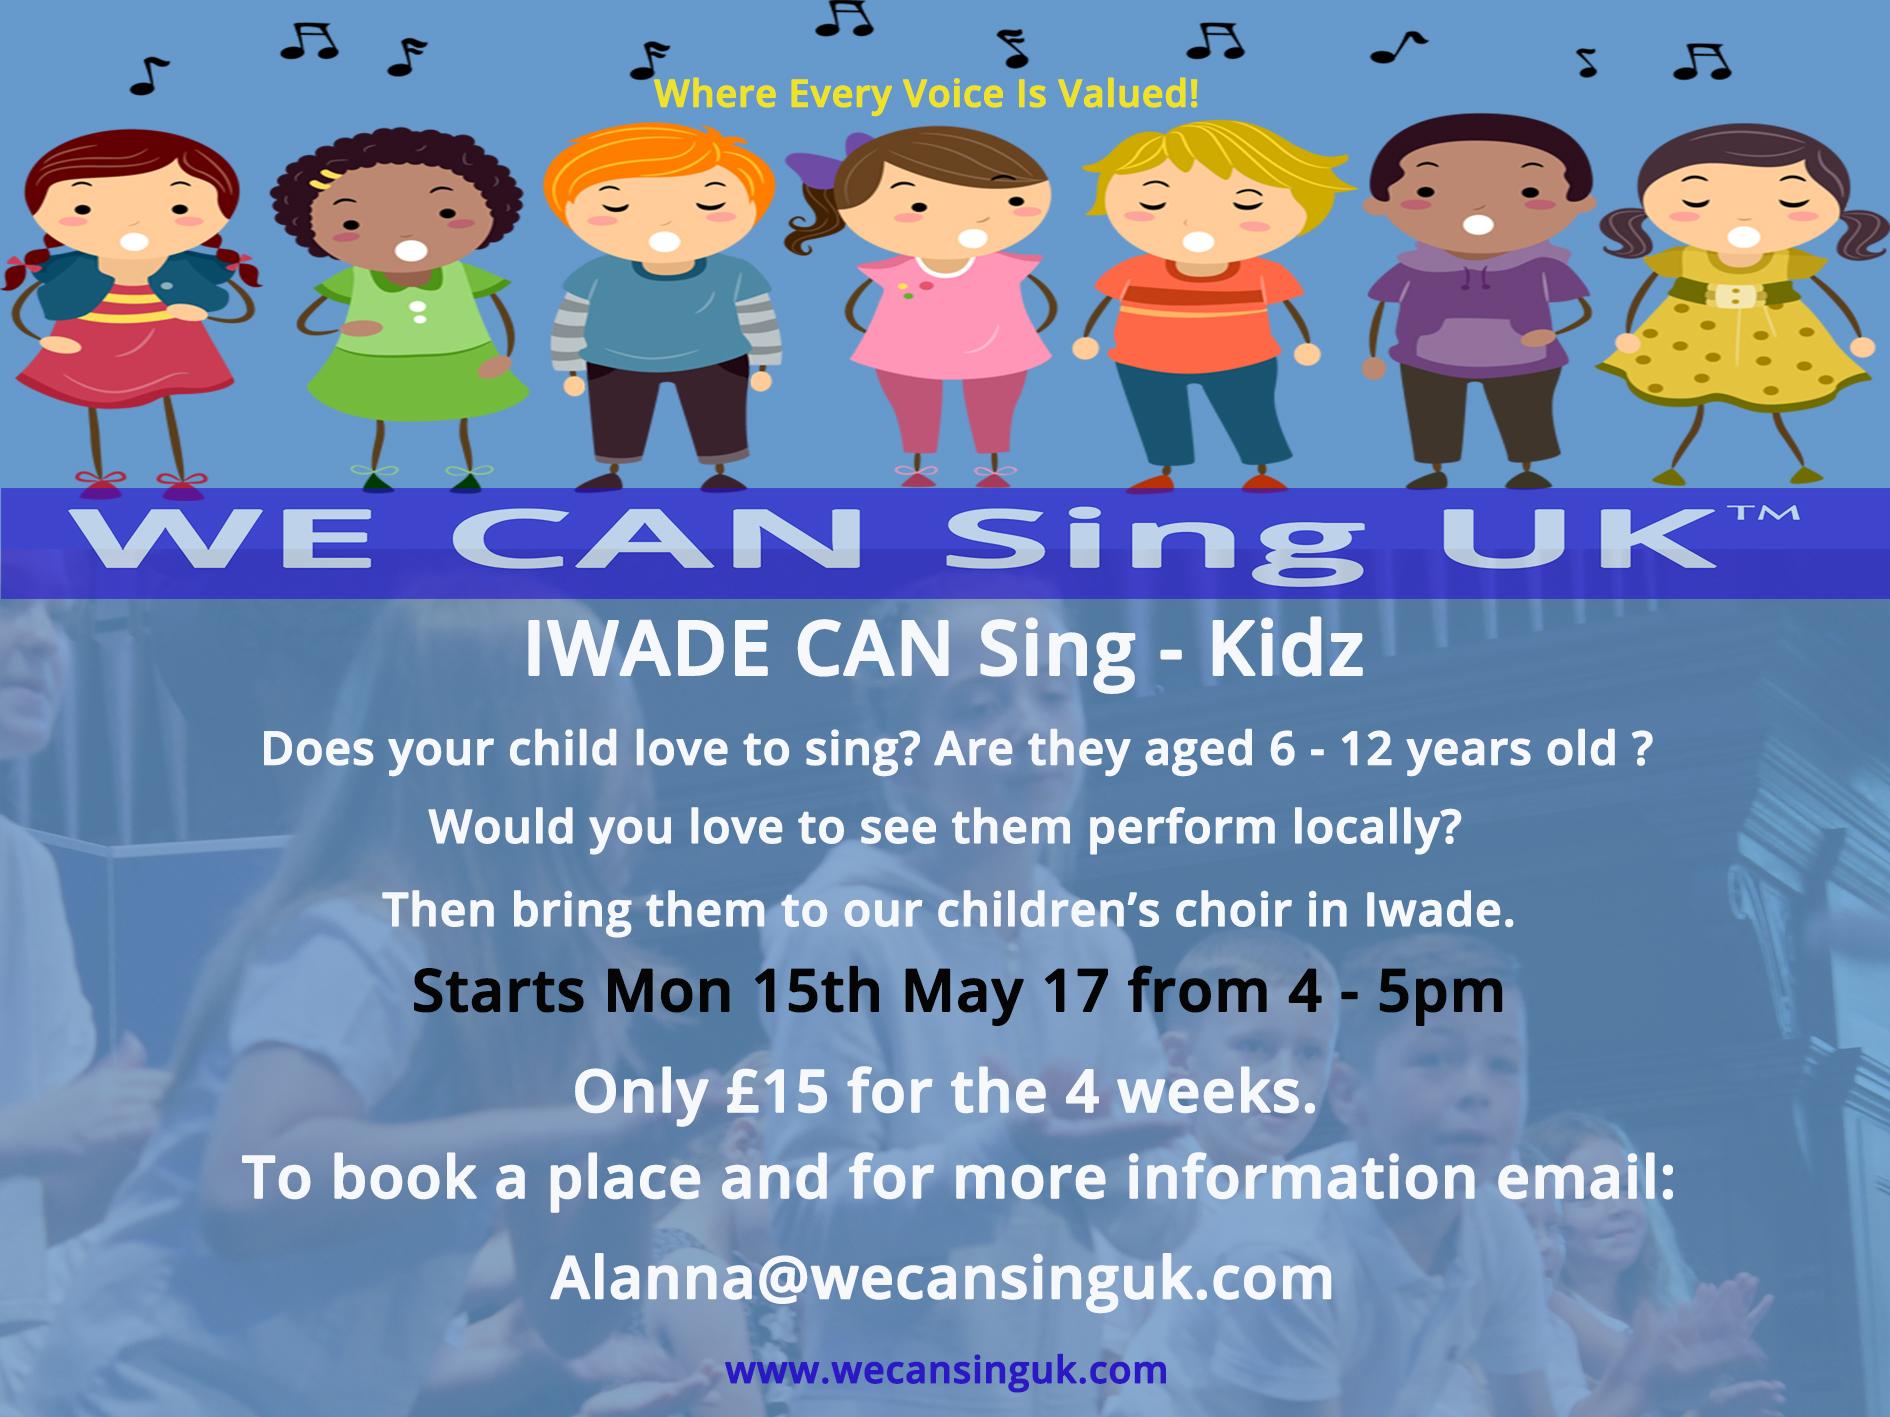 IWADE CAN Sing - Kidz